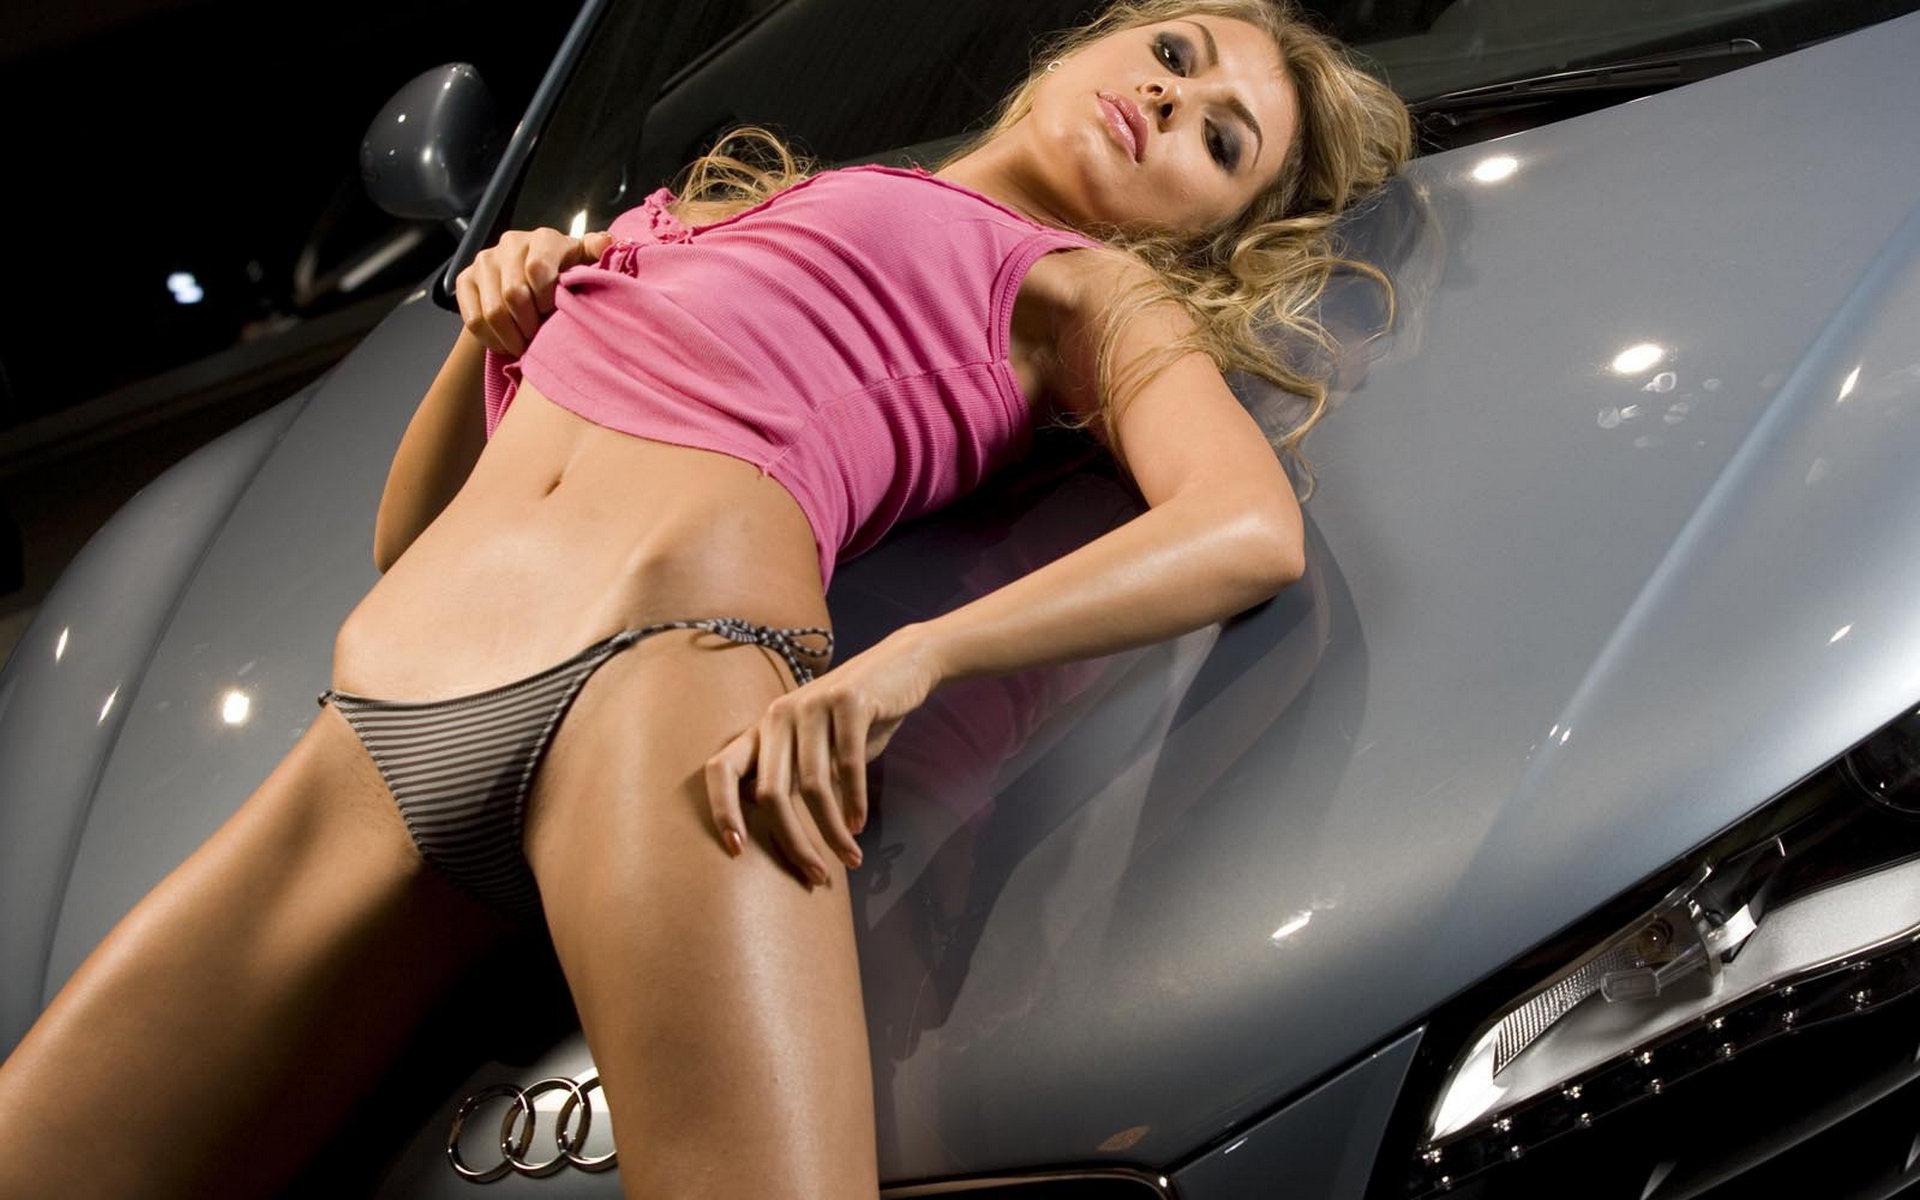 Ролики девушек ню, Эротическое видео с голыми девушками онлайн 27 фотография